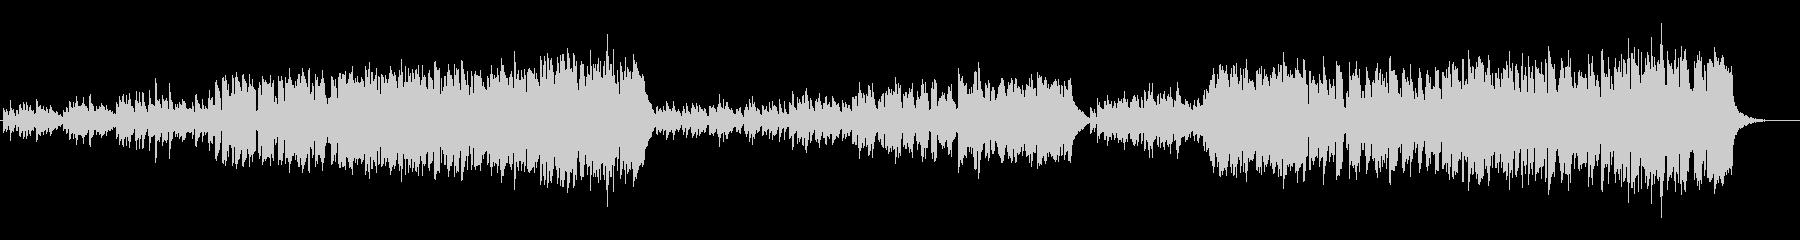 リコーダーの為のピアノ協奏曲「春」の未再生の波形